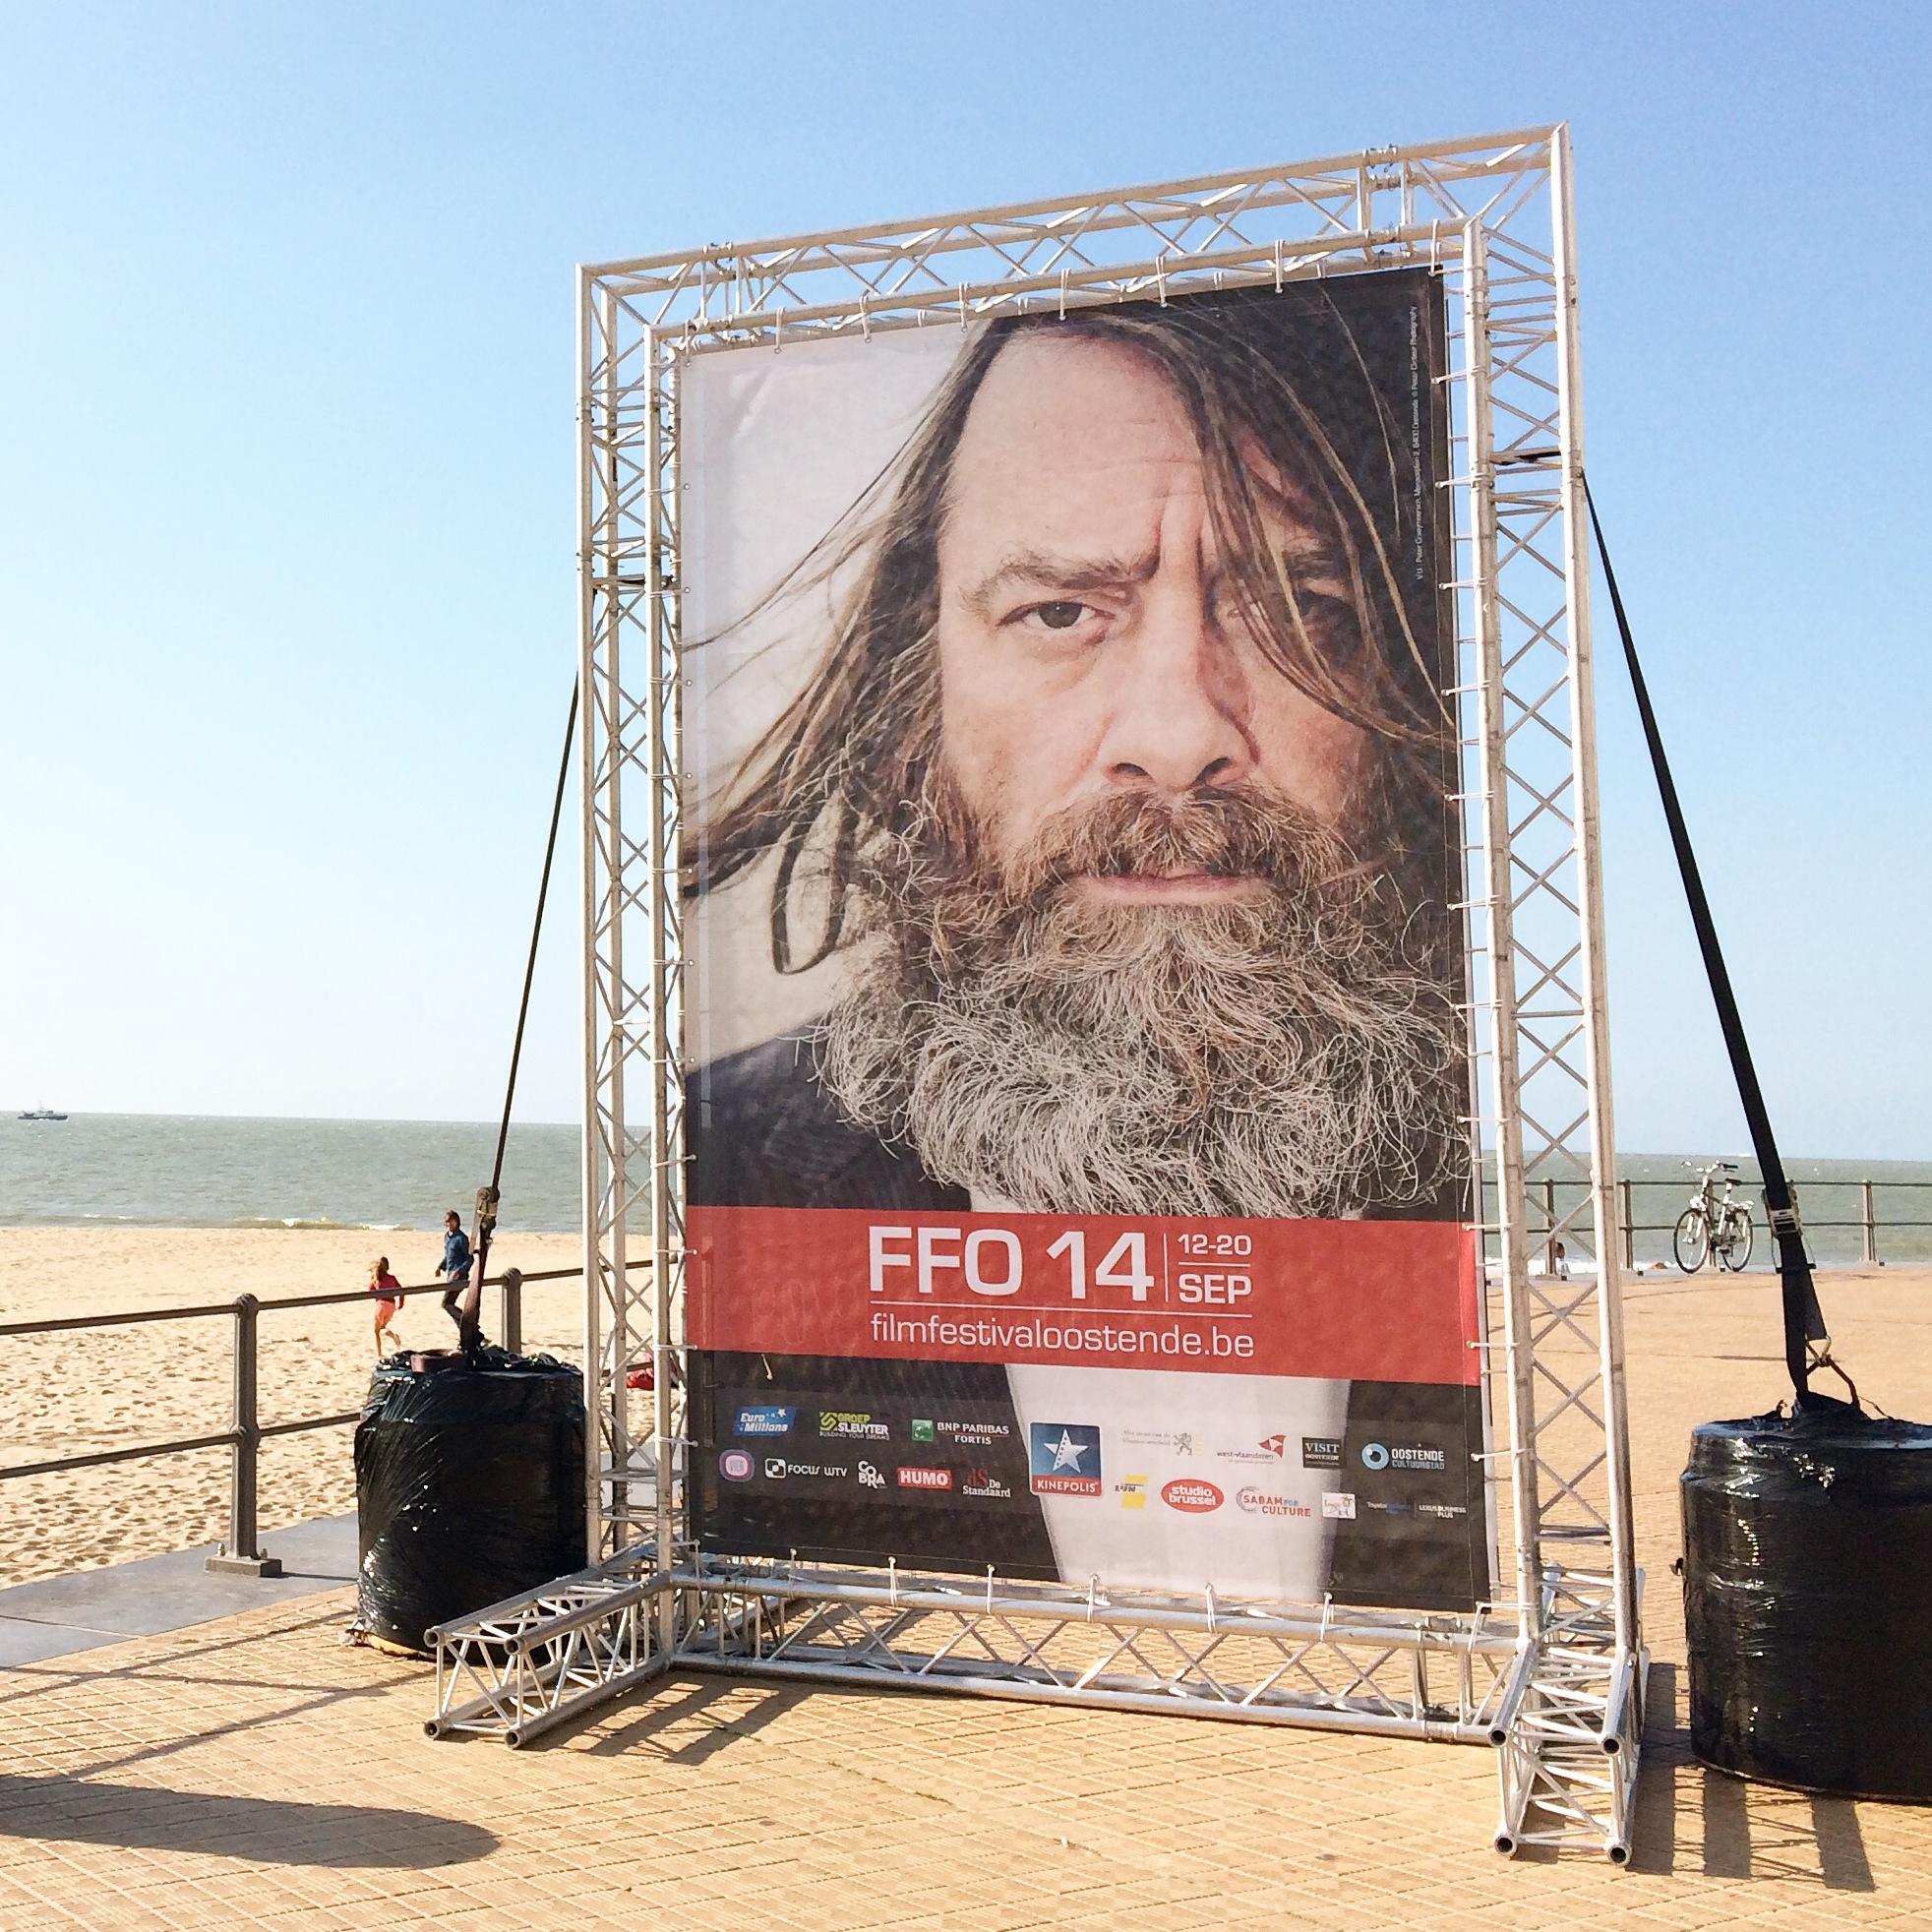 Filmfestival Oostende